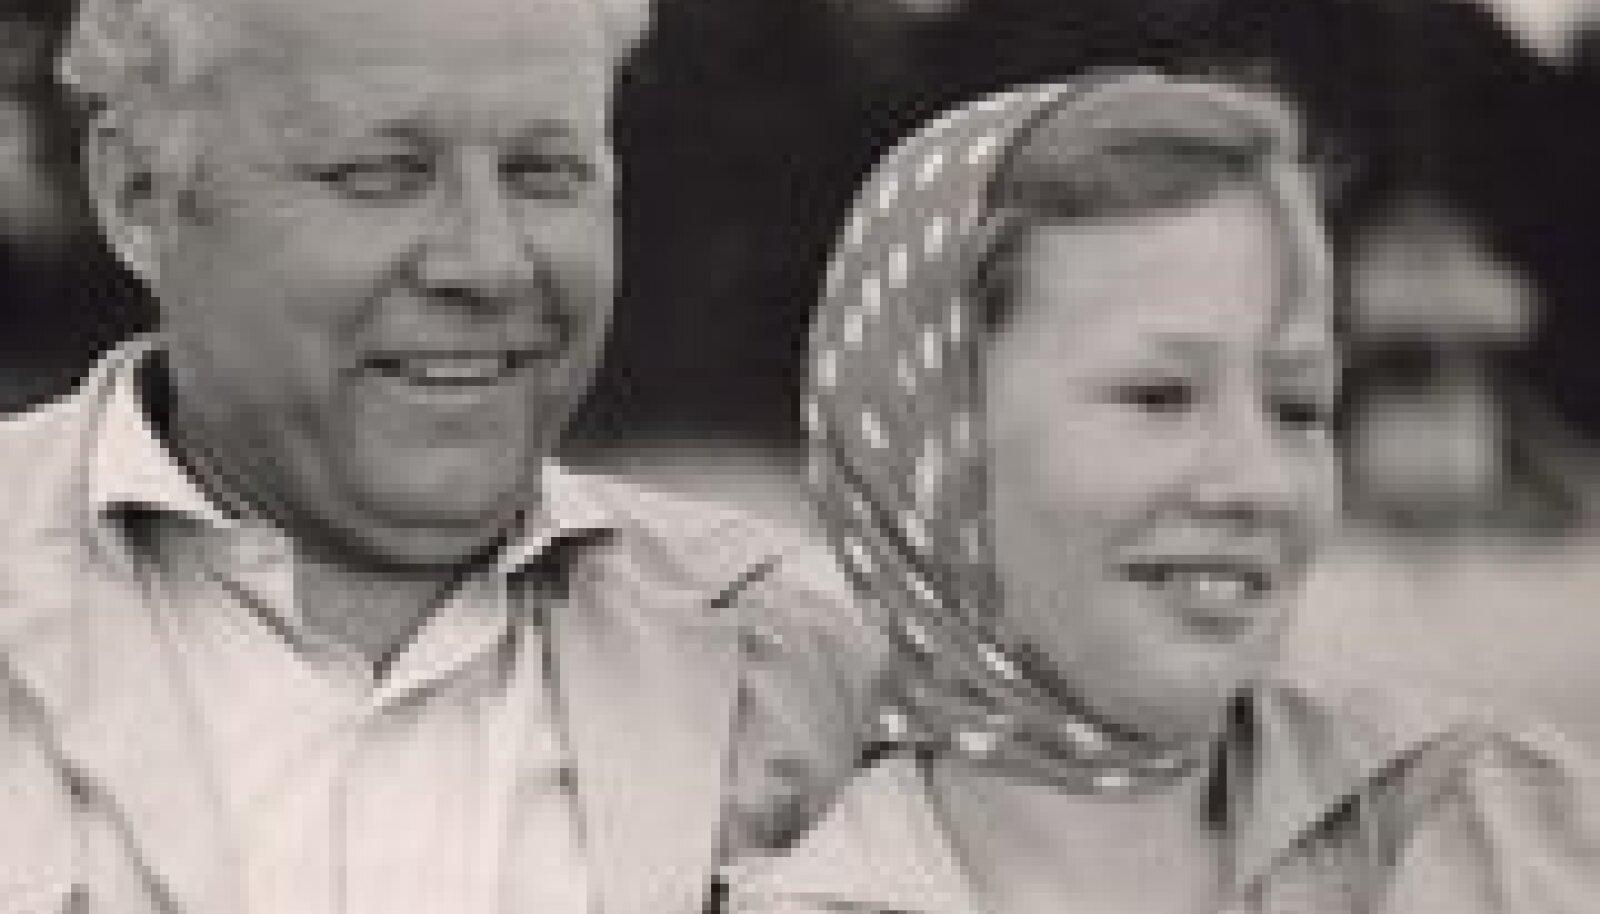 Isa ja tütar: Artur Rinne  oma tütre Mallikaga.  Koos reisisid nad  läbi kogu Eesti.